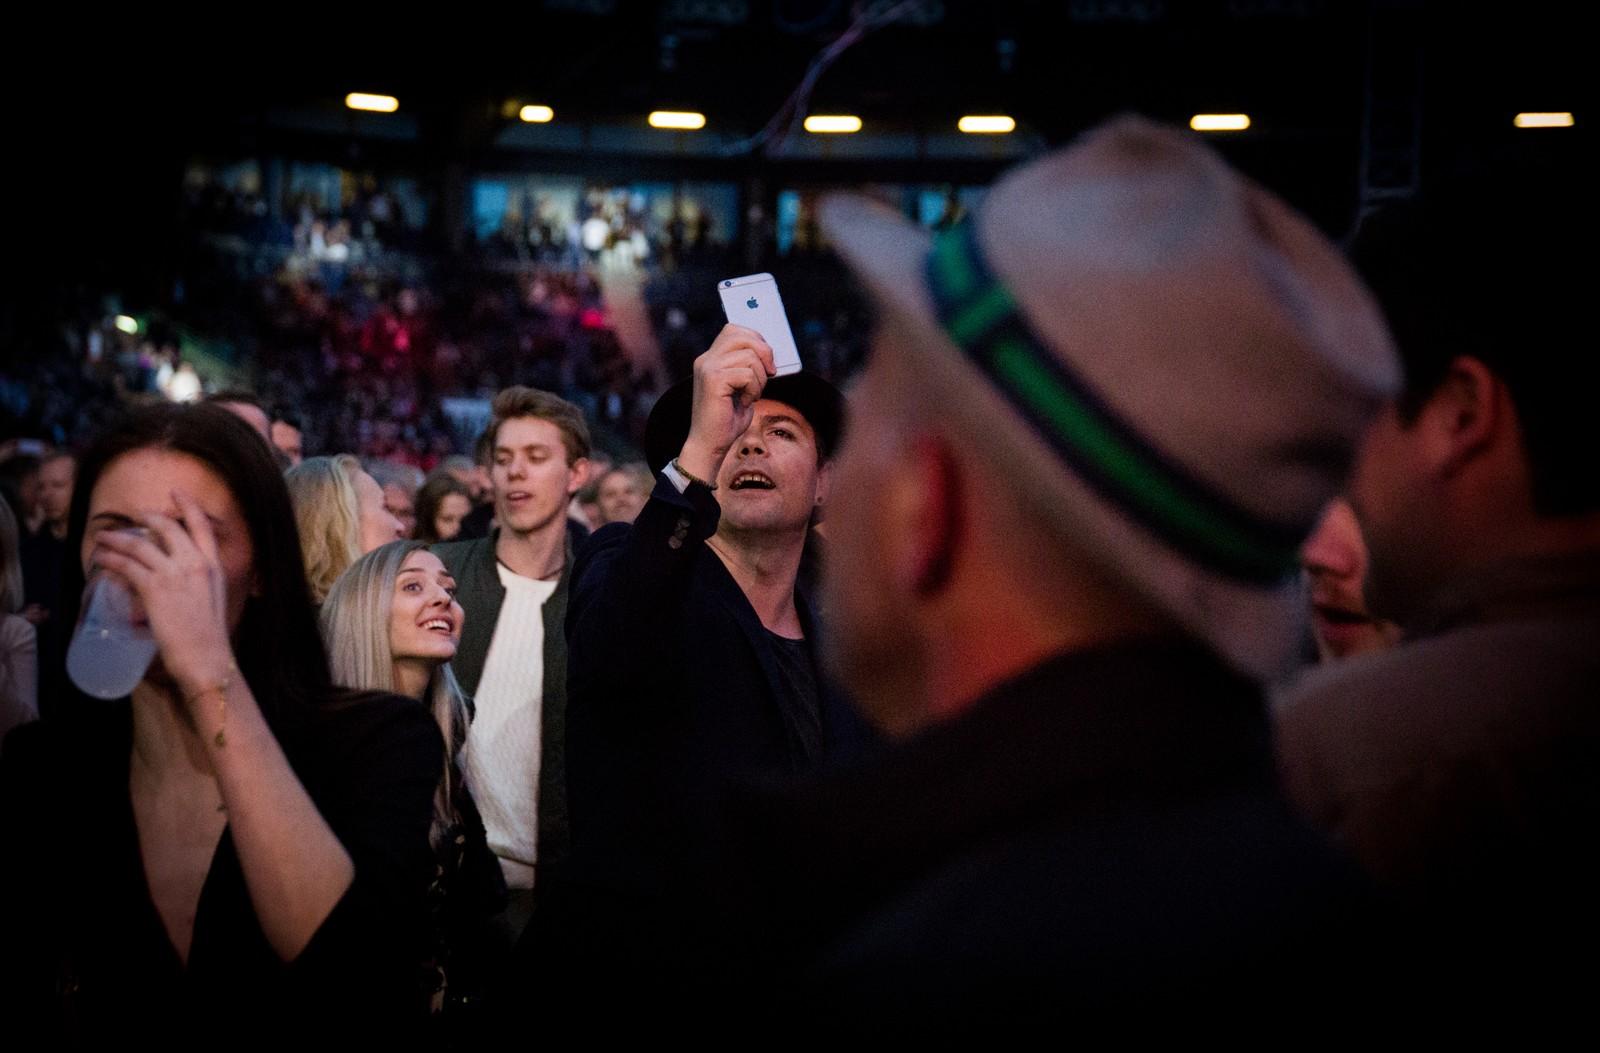 Ole Aleksander Mæland koser seg på Mods-konsert etter å ha spelt sjølv